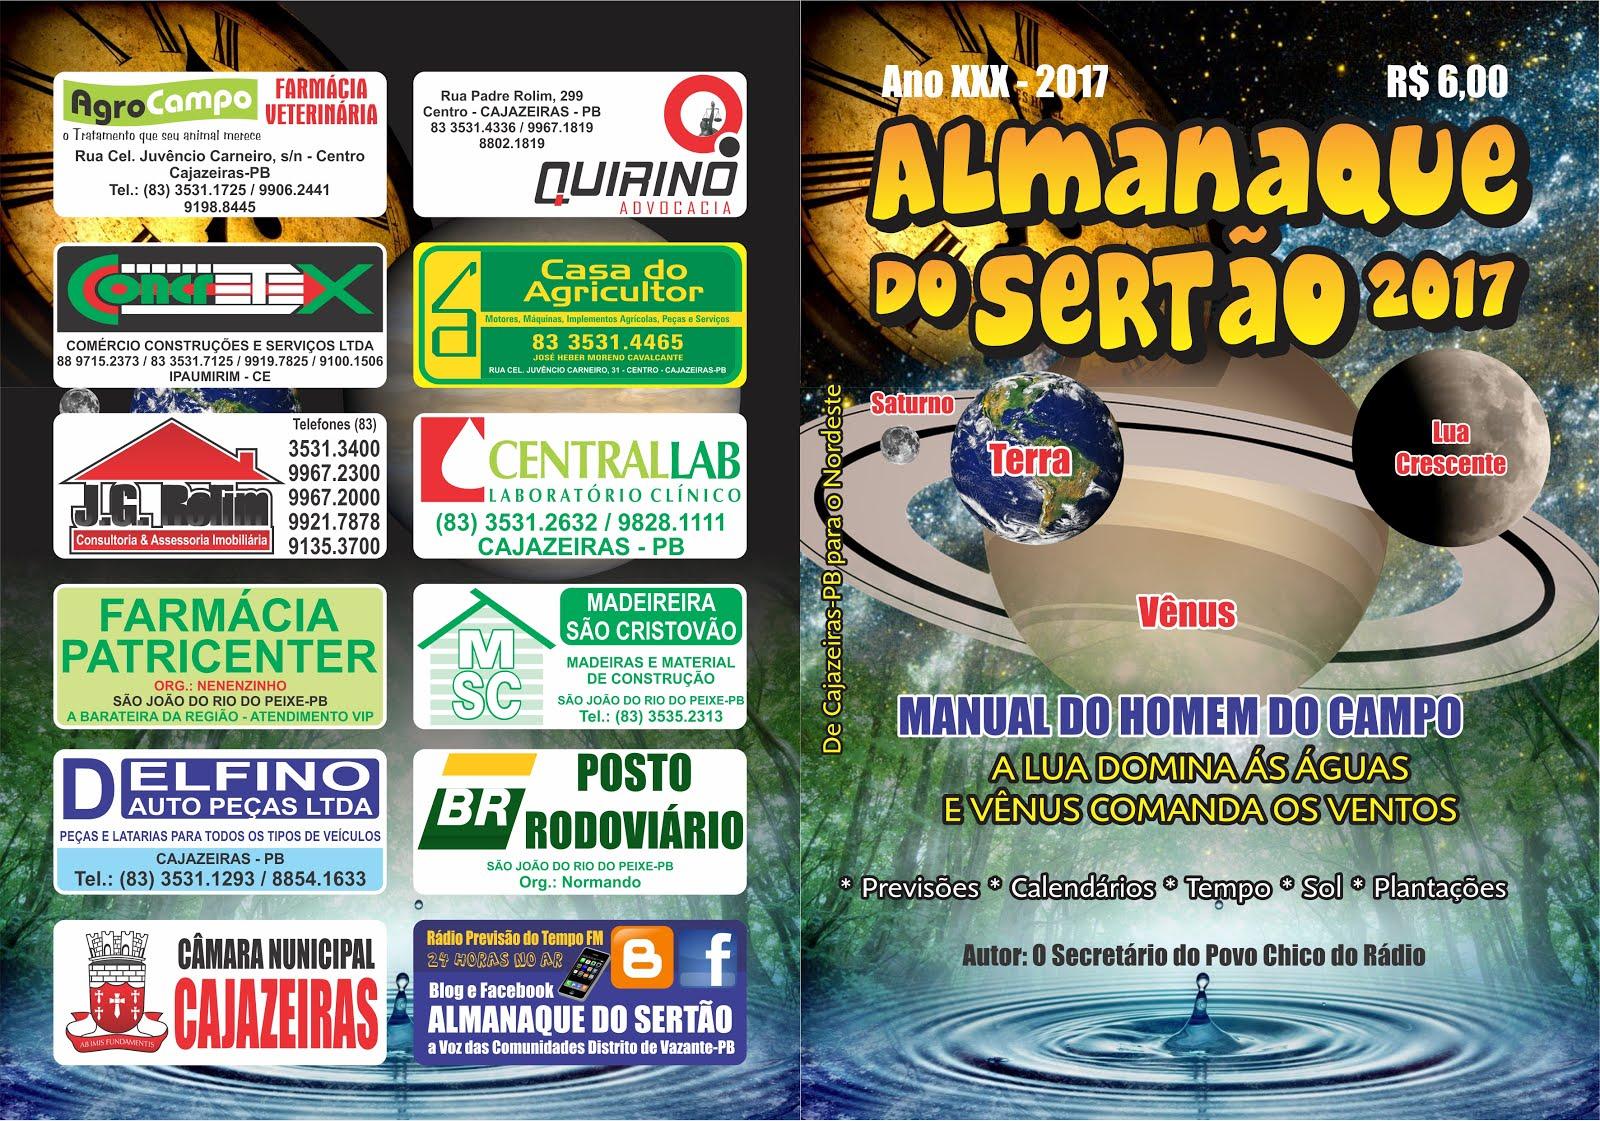 CAPA  UM  É A FRENTE DO  NOSSO FOLHETIM  ALMANAQUE DO SERTÃO ANO 2017